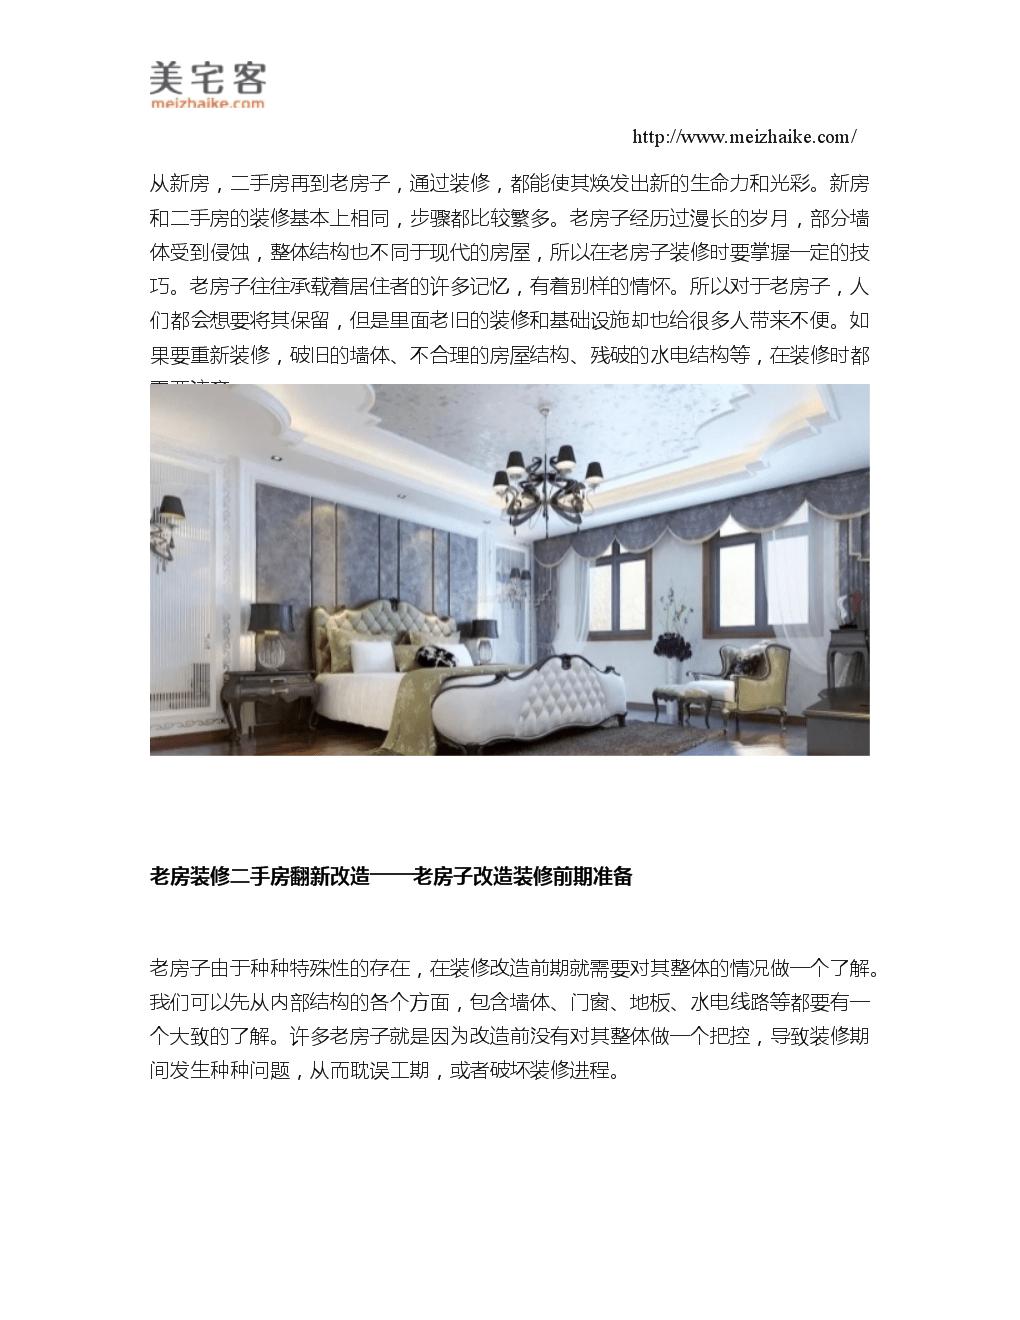 老房装修二手房翻新改造方案设计.docx